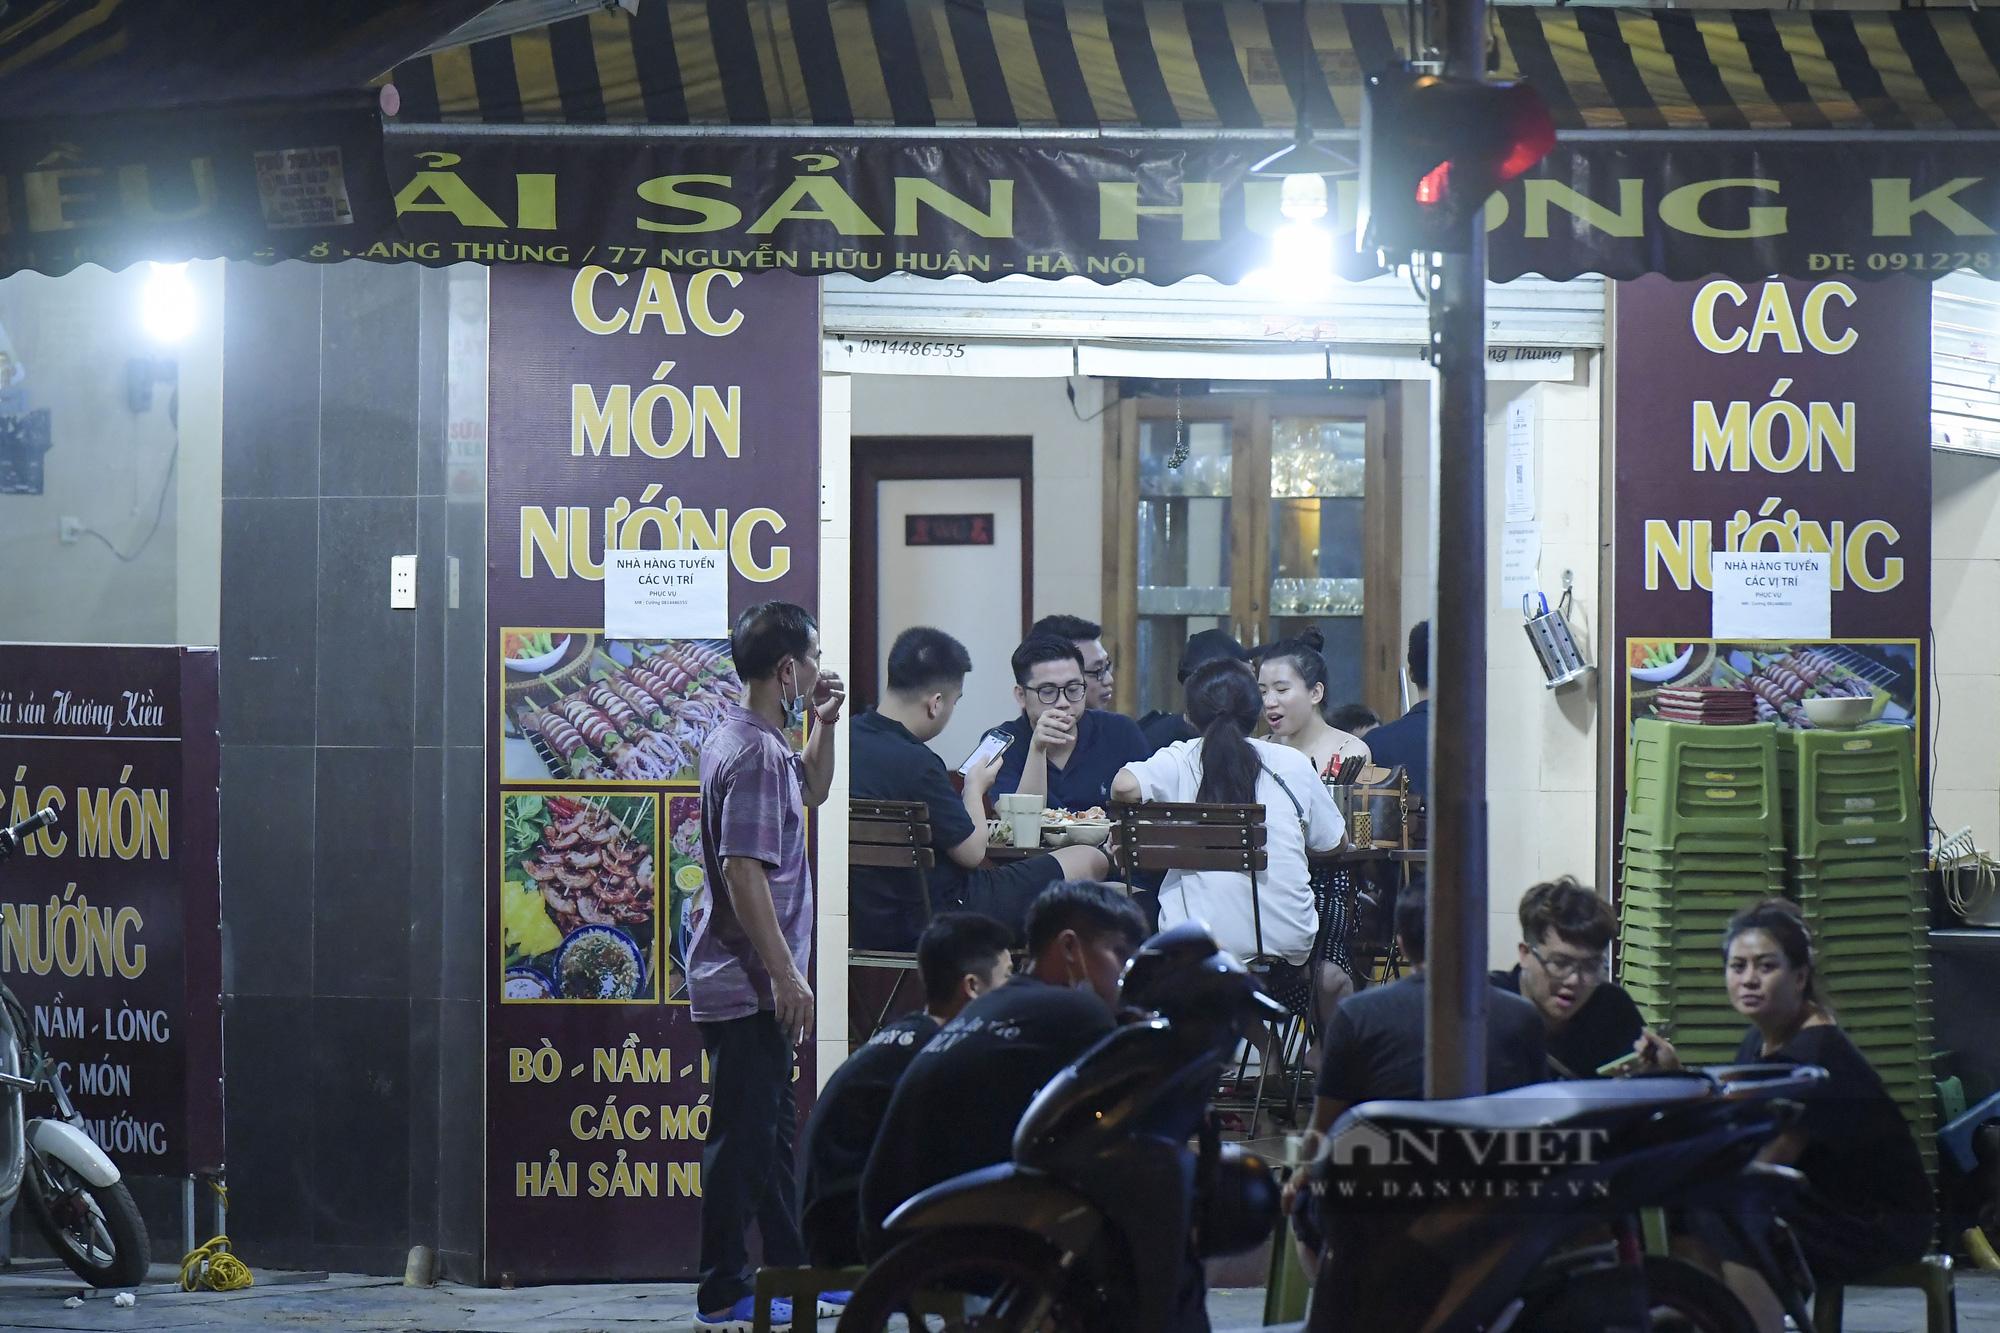 """Hà Nội: Phớt lờ lệnh cấm bán hàng sau 21h, nhiều nhà hàng """"nhốt khách"""" ăn uống phía trong - Ảnh 3."""